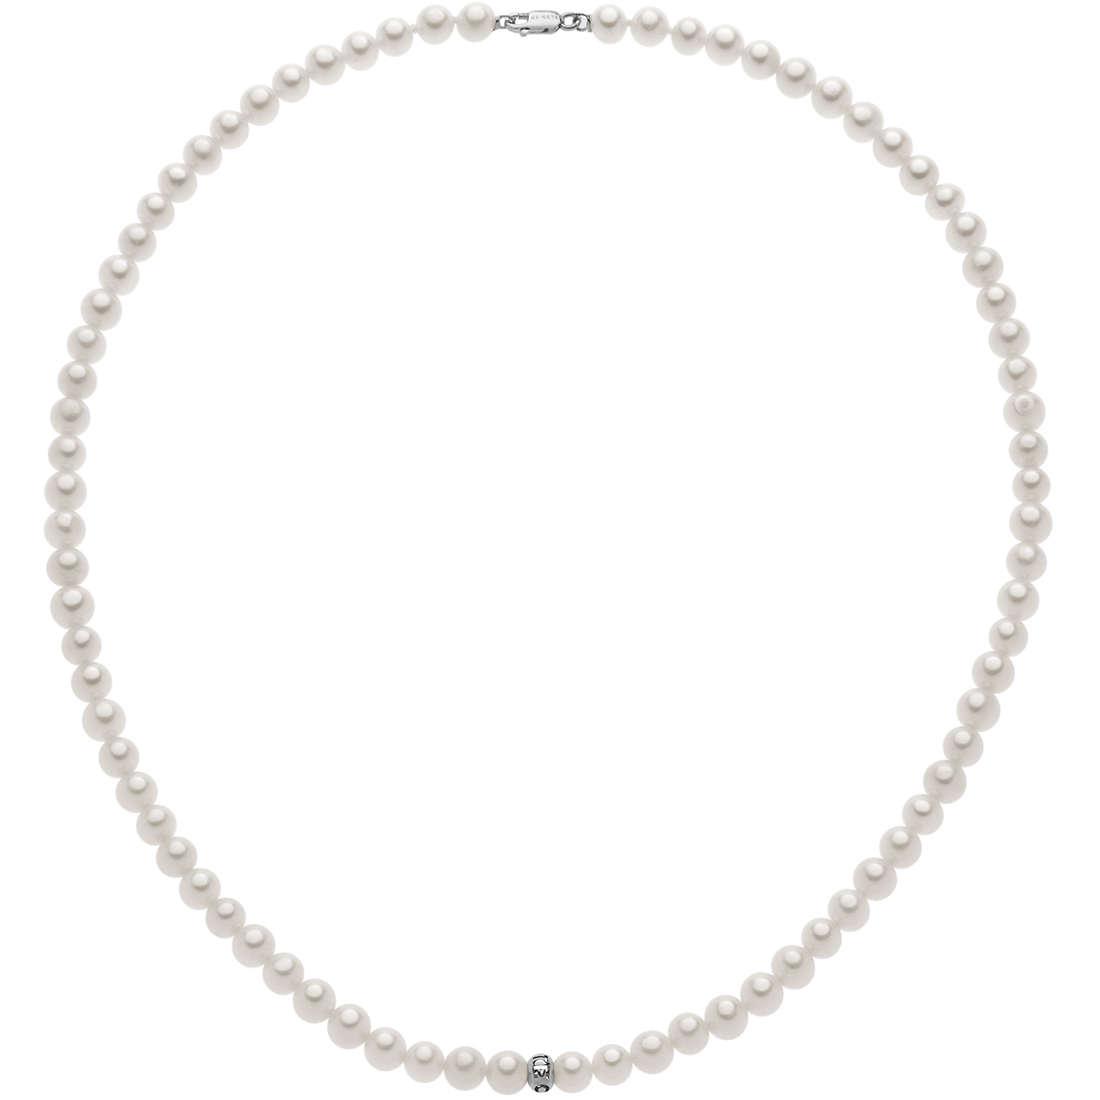 collana donna gioielli Comete Fantasie di perle FWQ 250 B